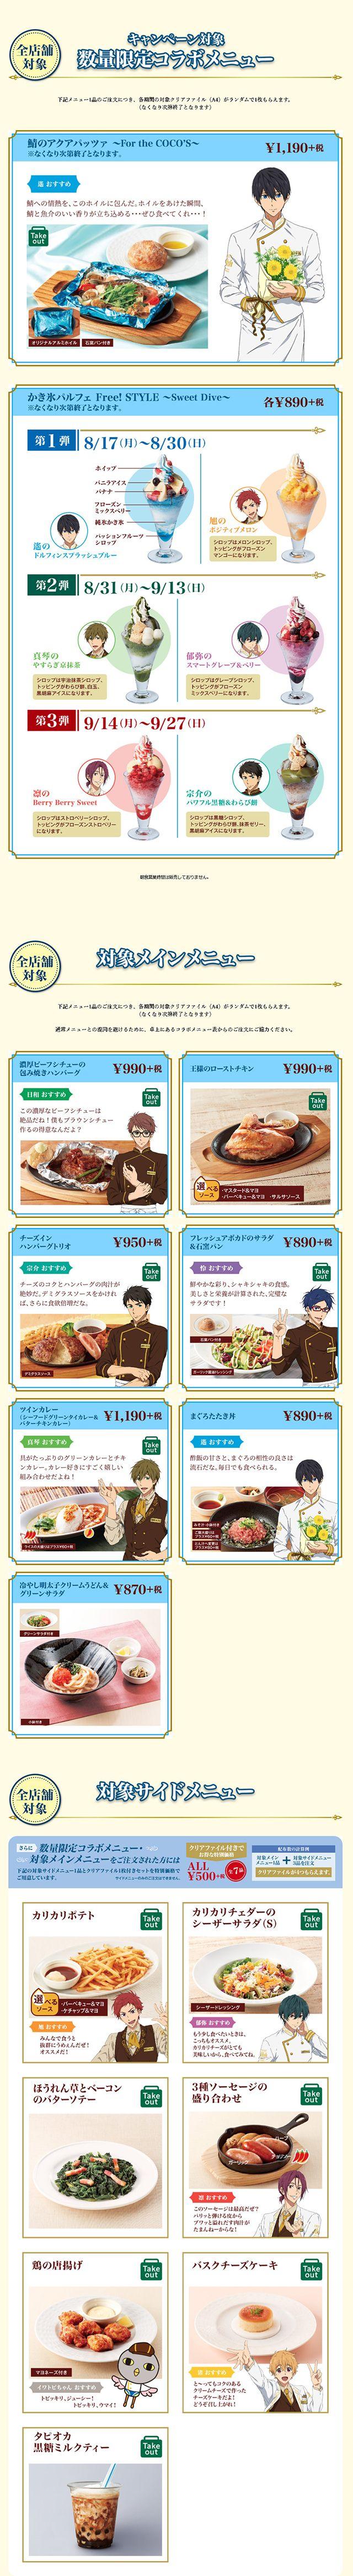 「Free!」× COCO'S 主题餐厅联动 宣传海报公开